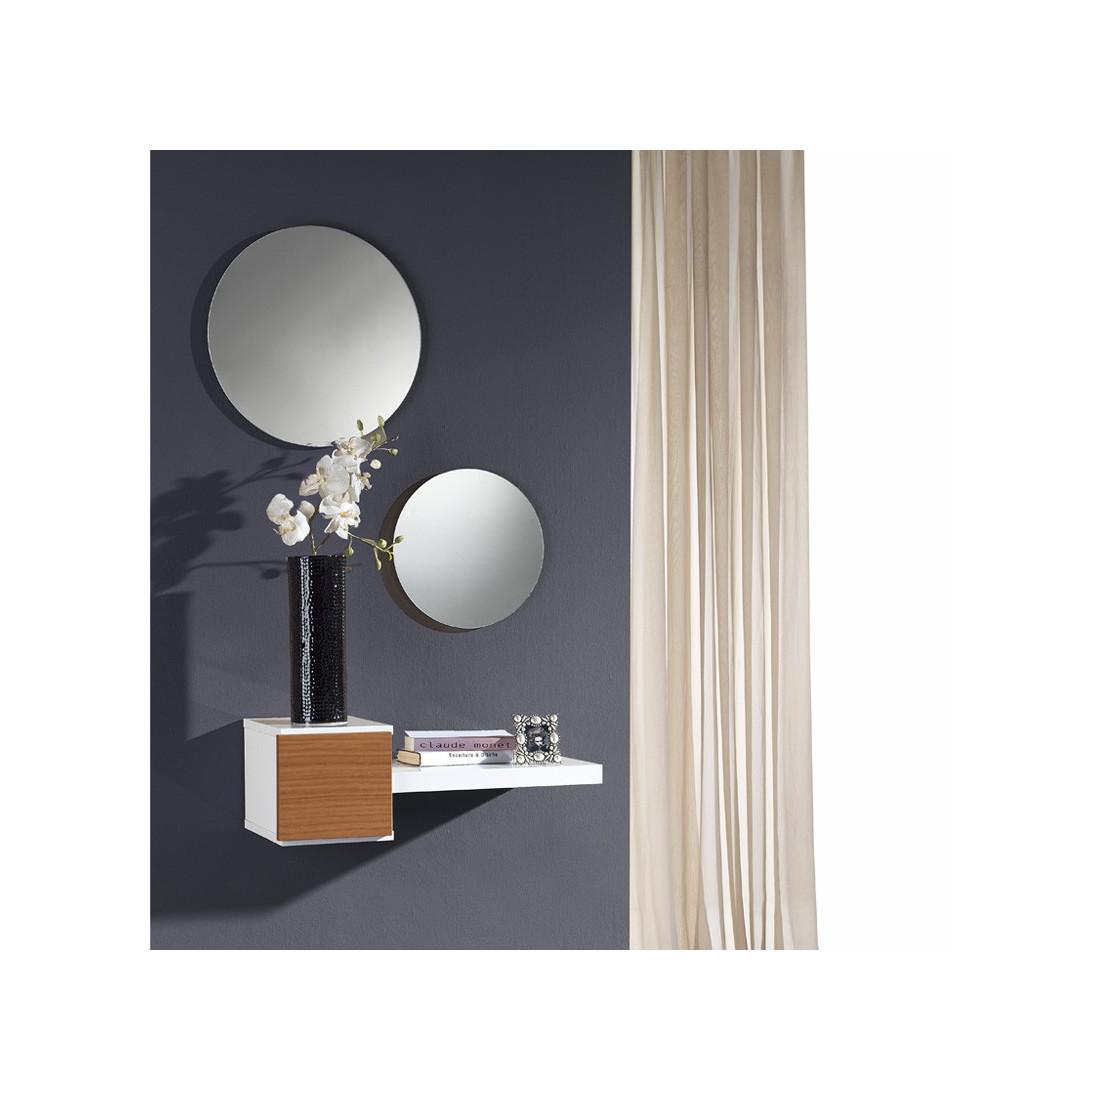 Meuble d 39 entr e noyer miroir tiga univers petits meubles - Miroir d entree ...